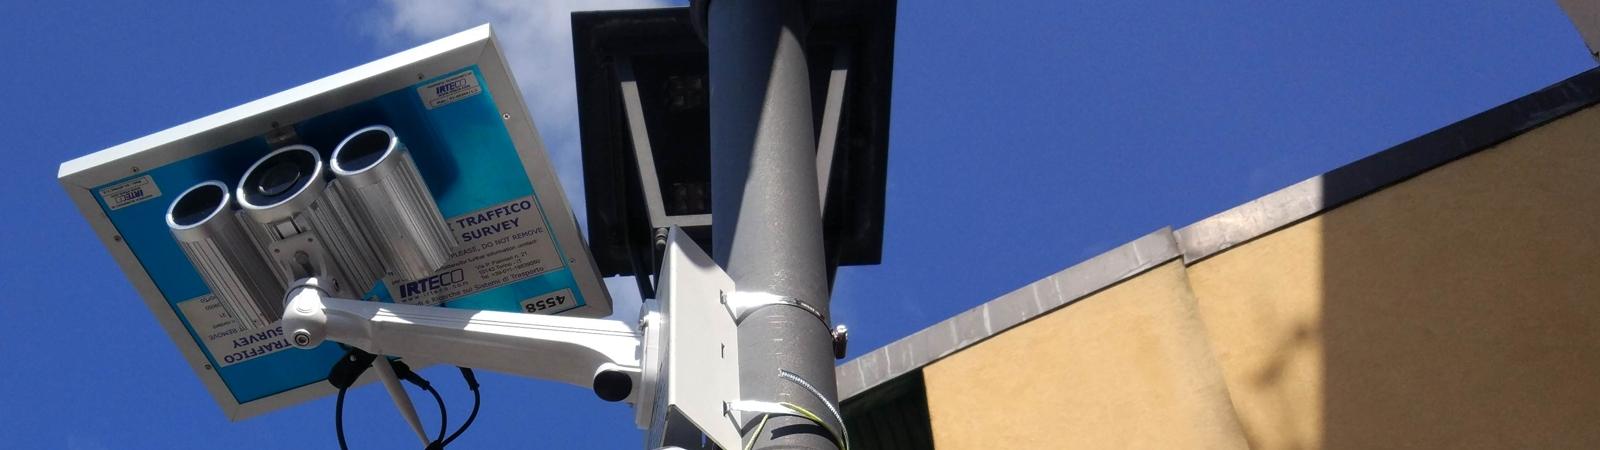 monitoraggio e rilievo del traffico stradale in modalità video assistita: analisi dei flussi di svolta e delle traiettorie veicolari